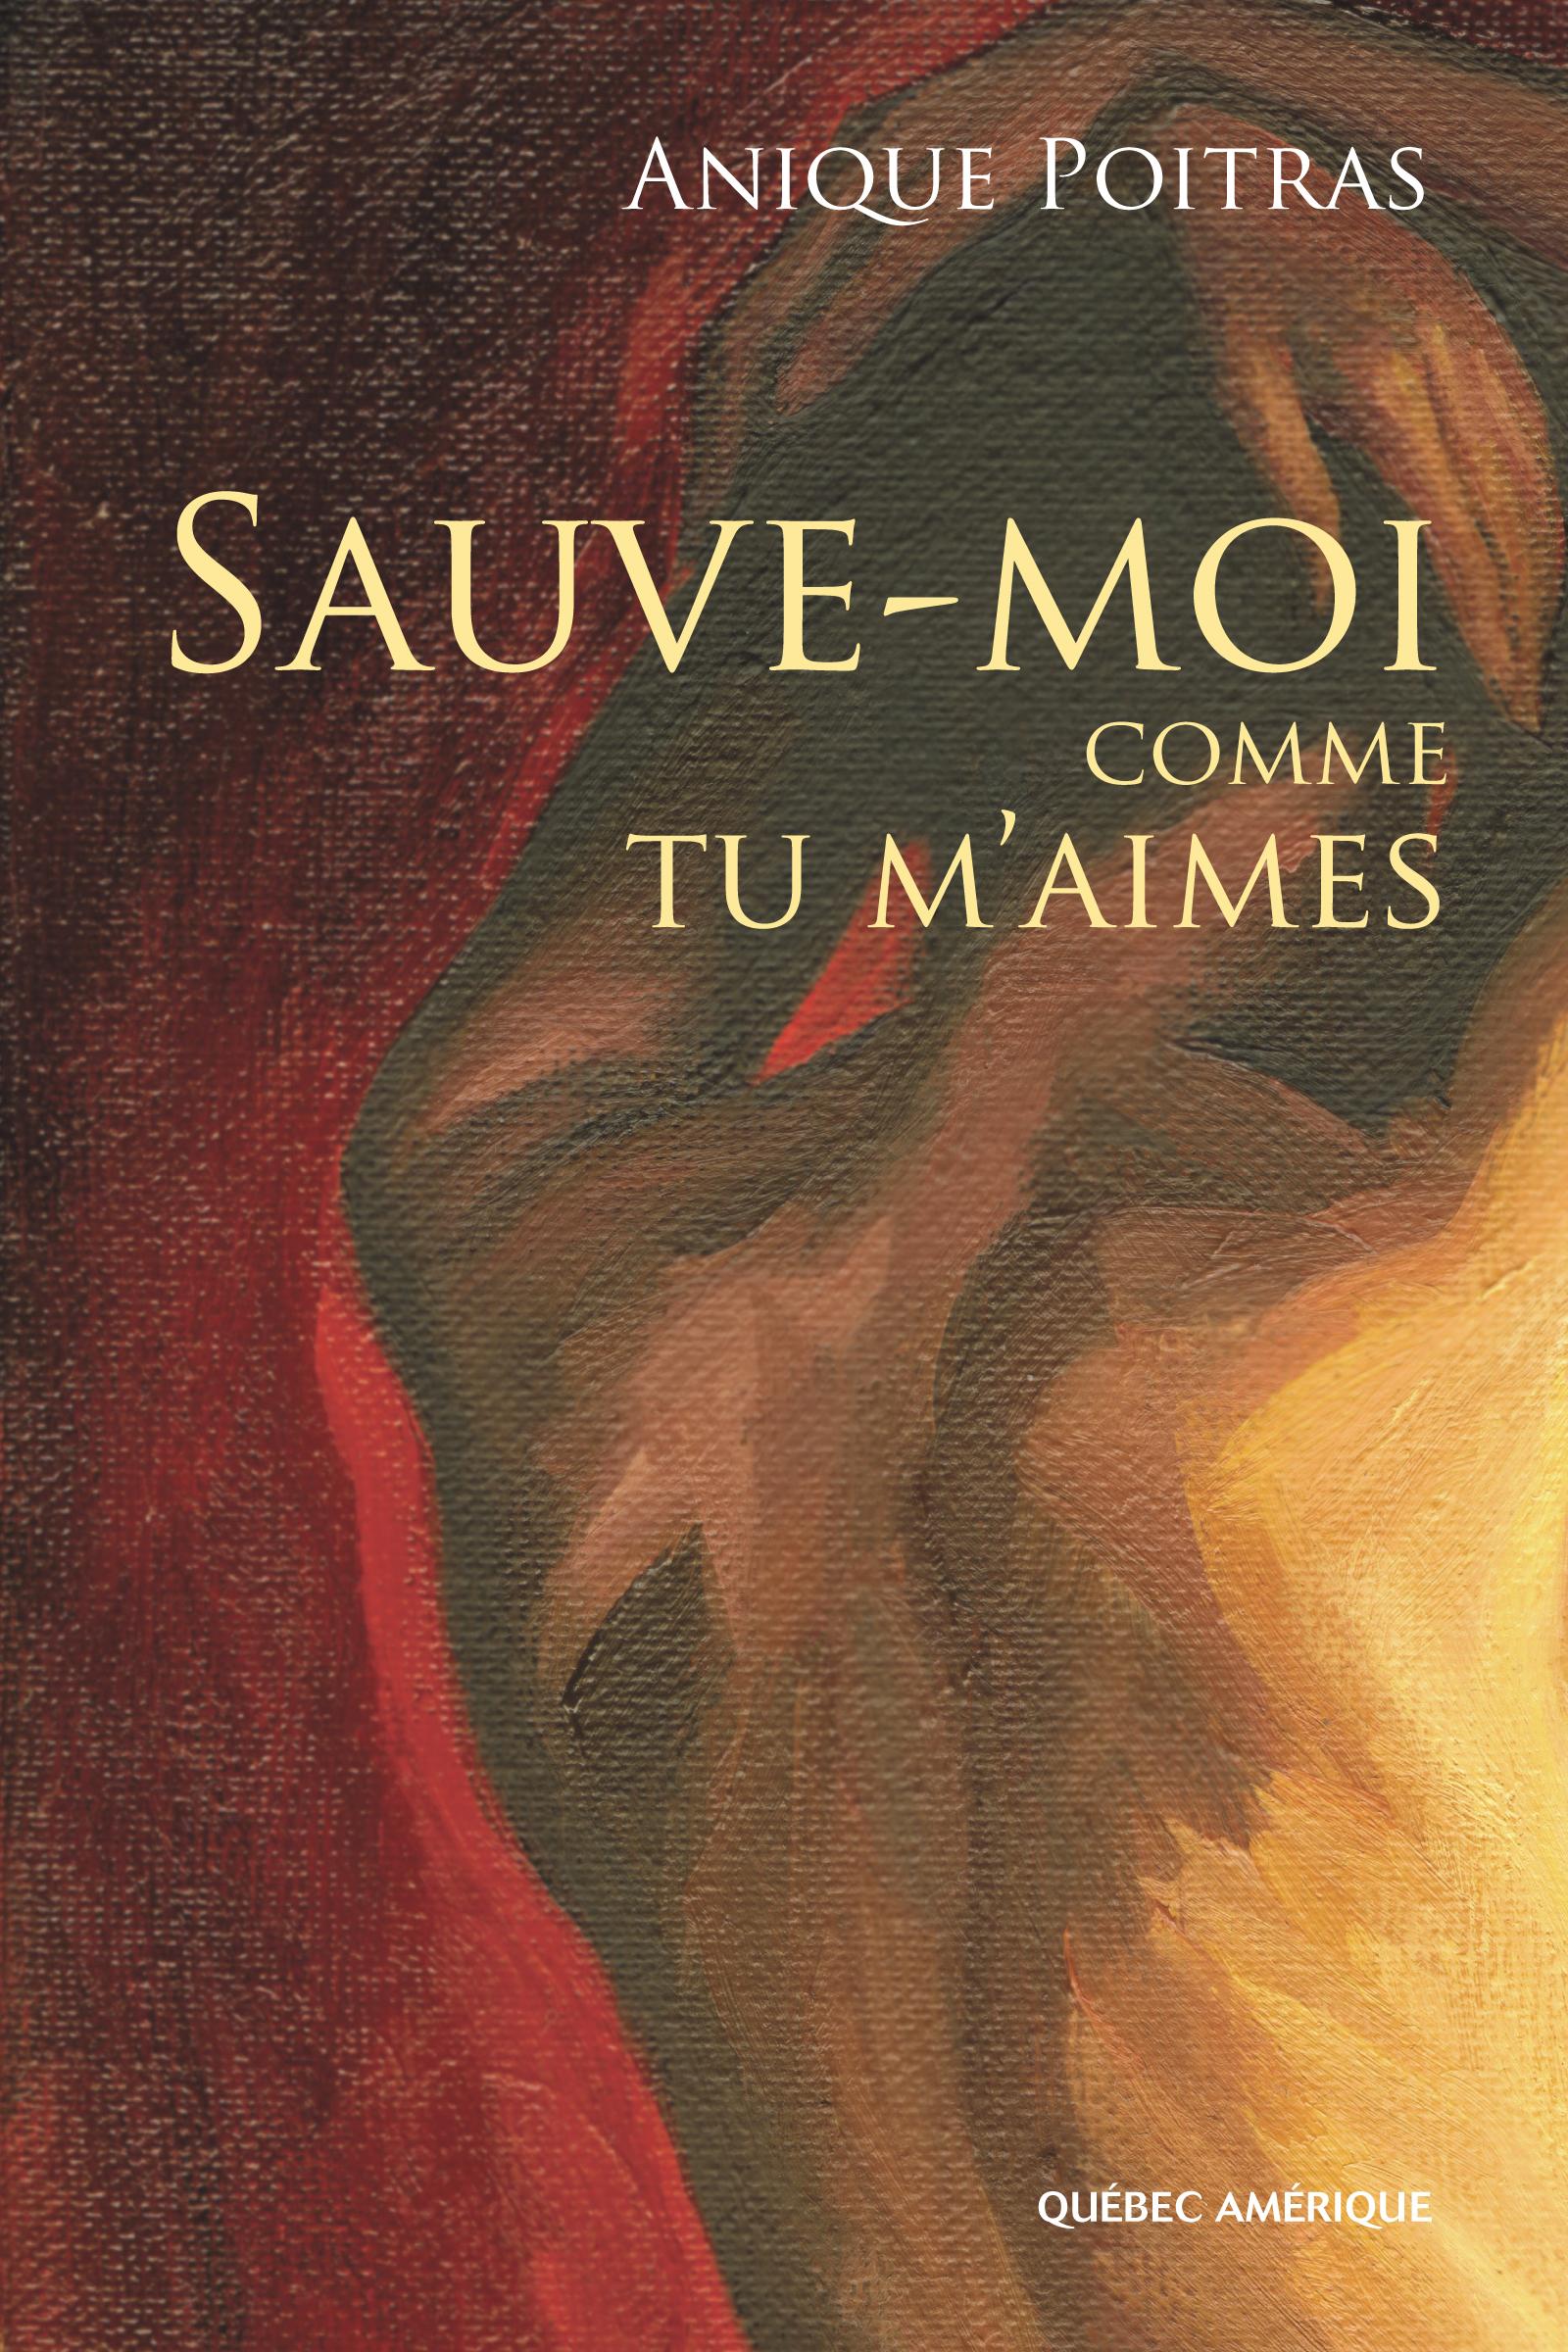 Couverture : Sauve-moi comme tu m'aimes (livre + CD) Anique Poitras